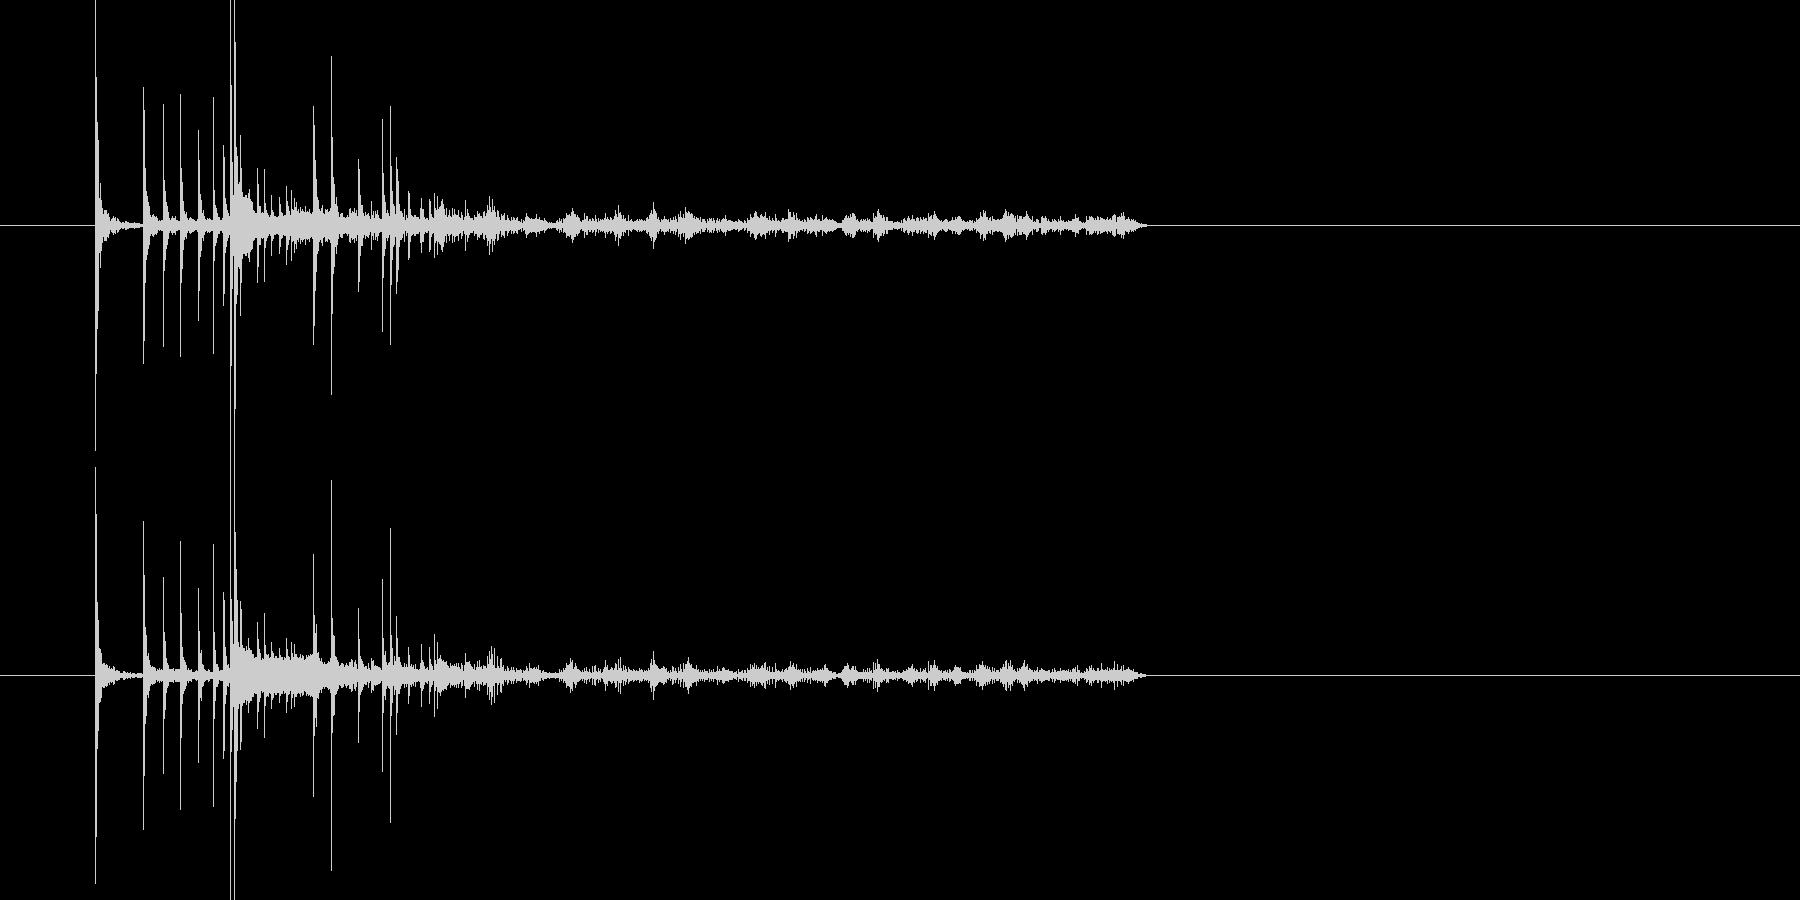 2つのコインがそれぞれに回って転がる音の未再生の波形